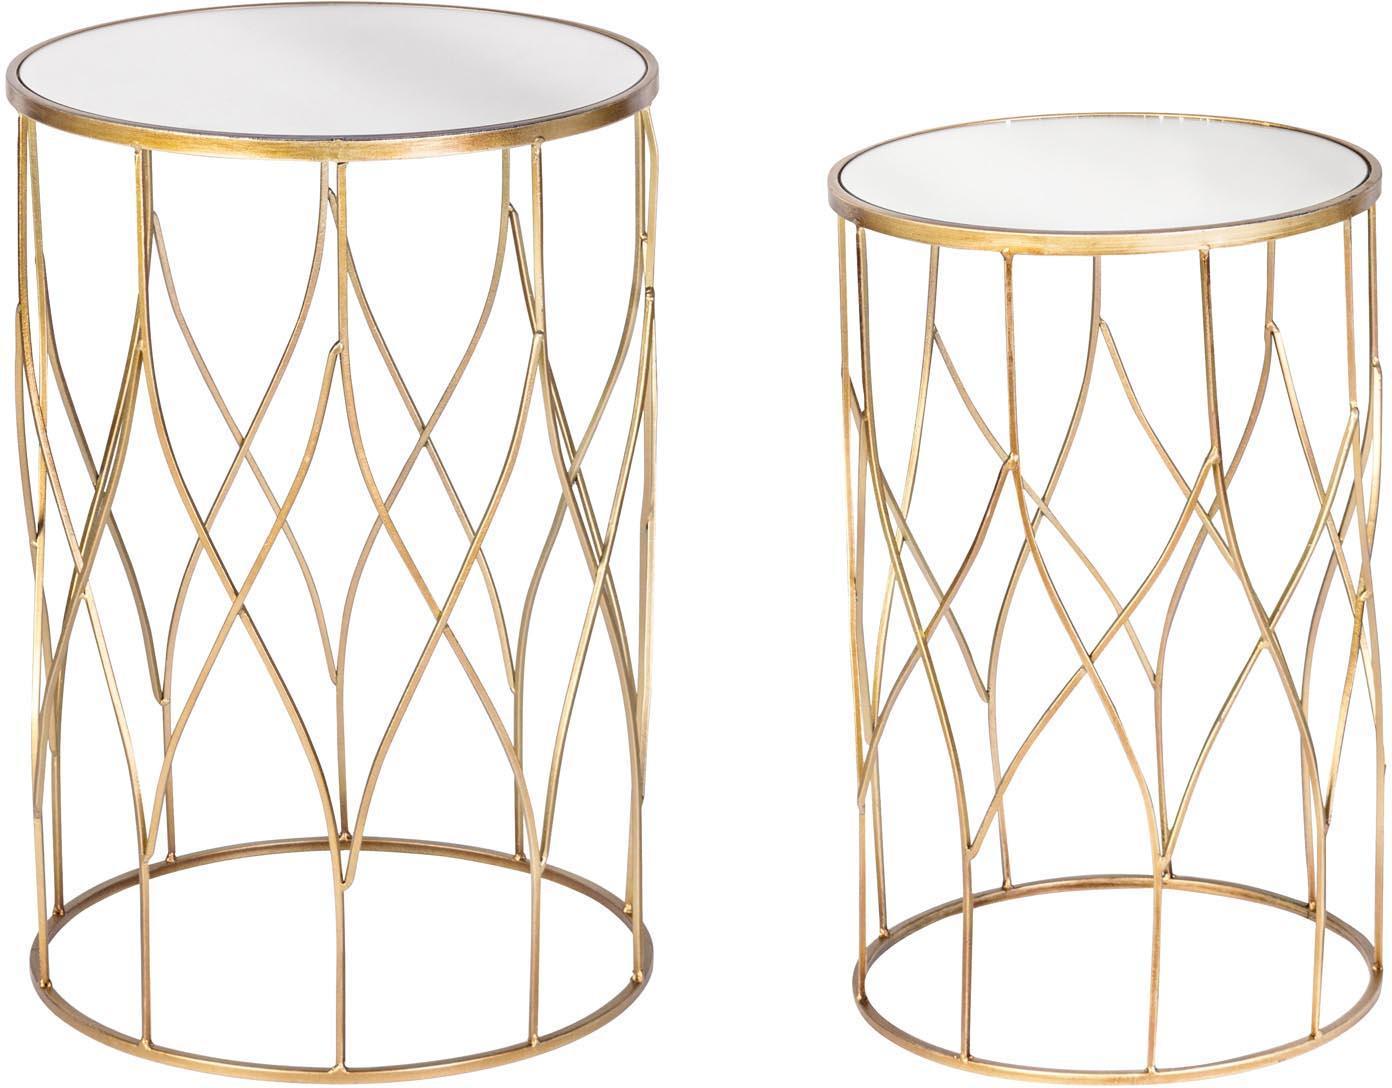 Komplet stolików pomocniczych Elenor Large, 2 elem., Stelaż: metal malowany proszkowo , Blat: szkło lustrzane, Stelaż: odcienie złotego Blat: szkło lustrzane, Komplet z różnymi rozmiarami